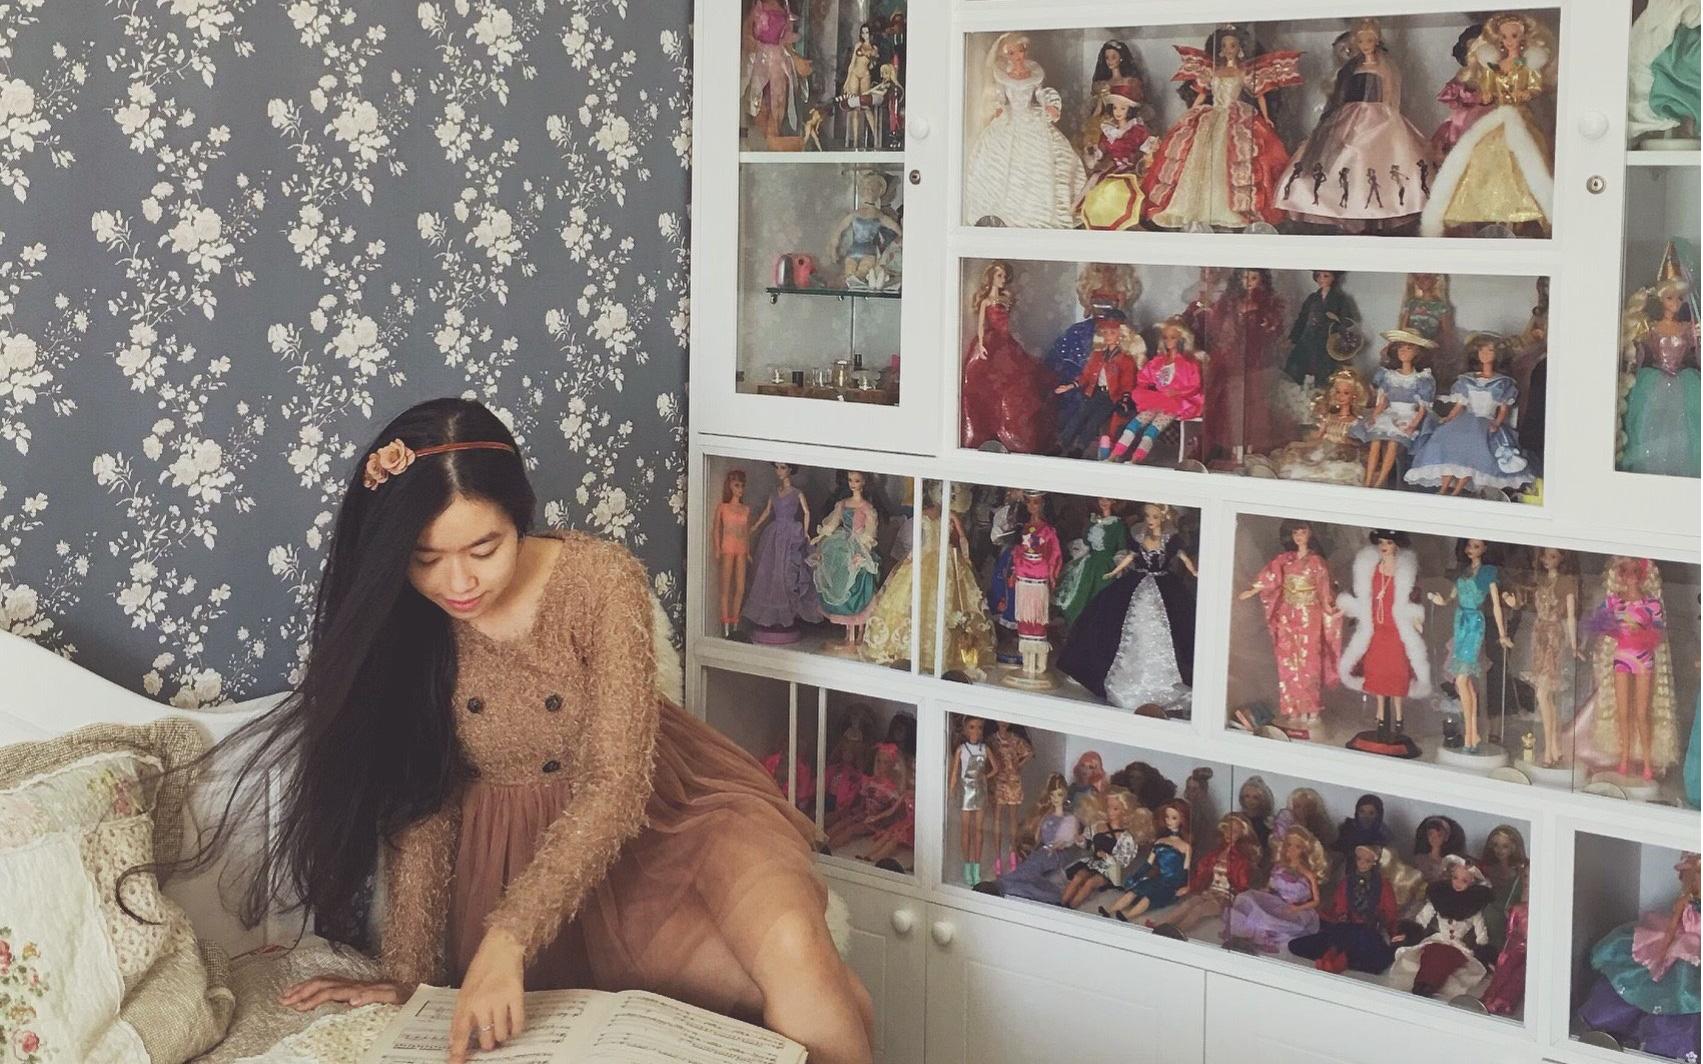 Căn hộ 80m² với phong cách vintage và bộ sưu tập hàng trăm búp bê của cô giáo dạy đàn ở thành phố biển Nha Trang